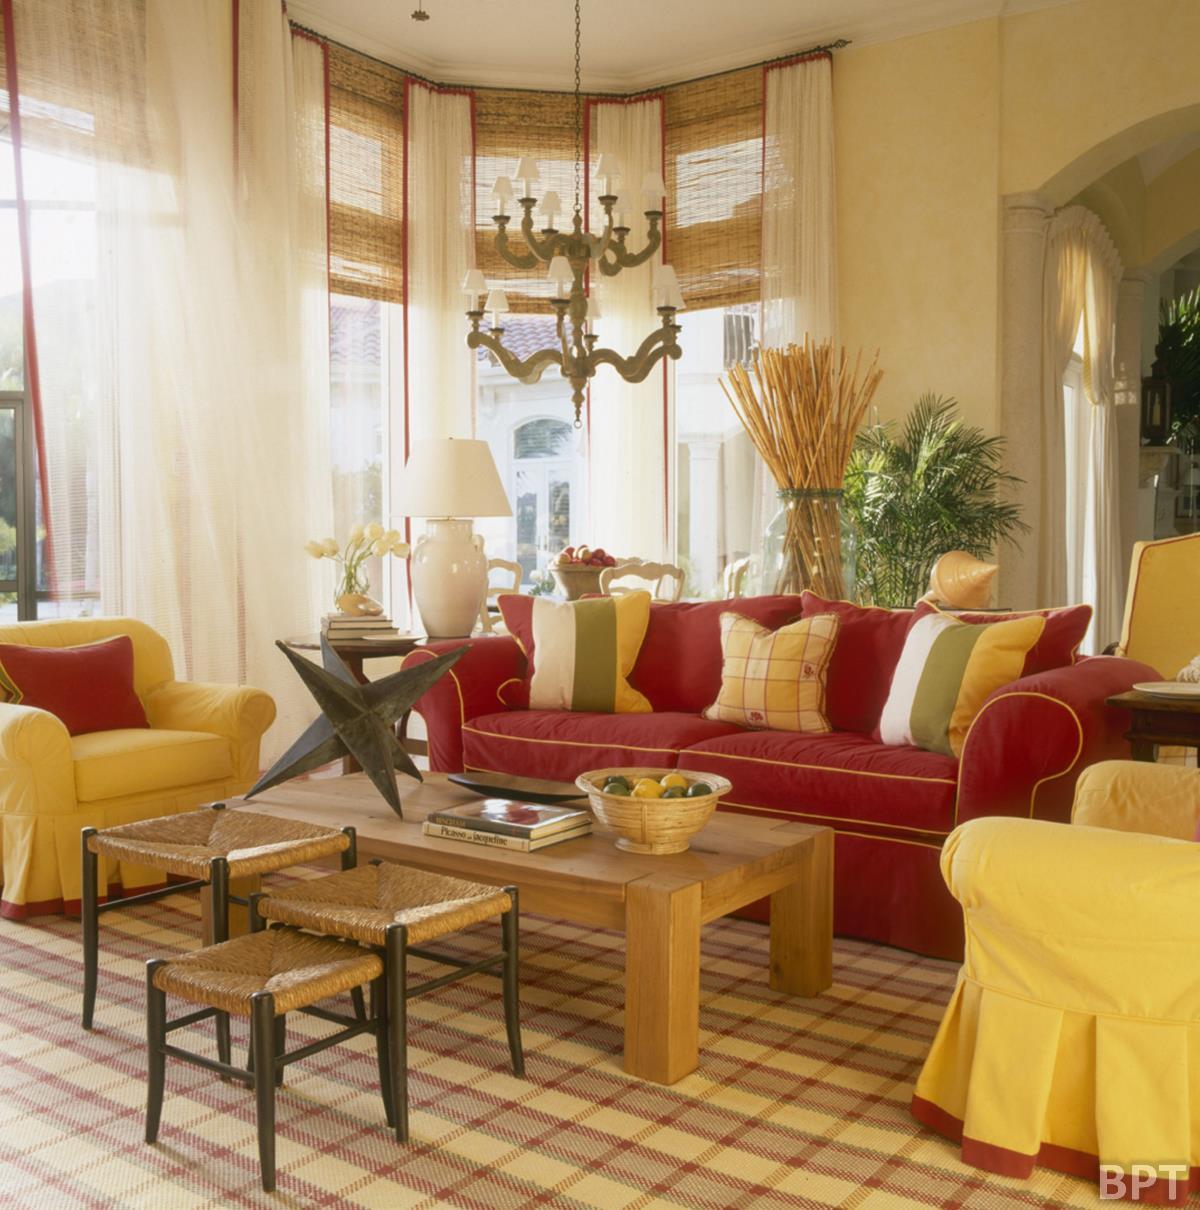 Culori de toamna in amenajari for Yellow and red house